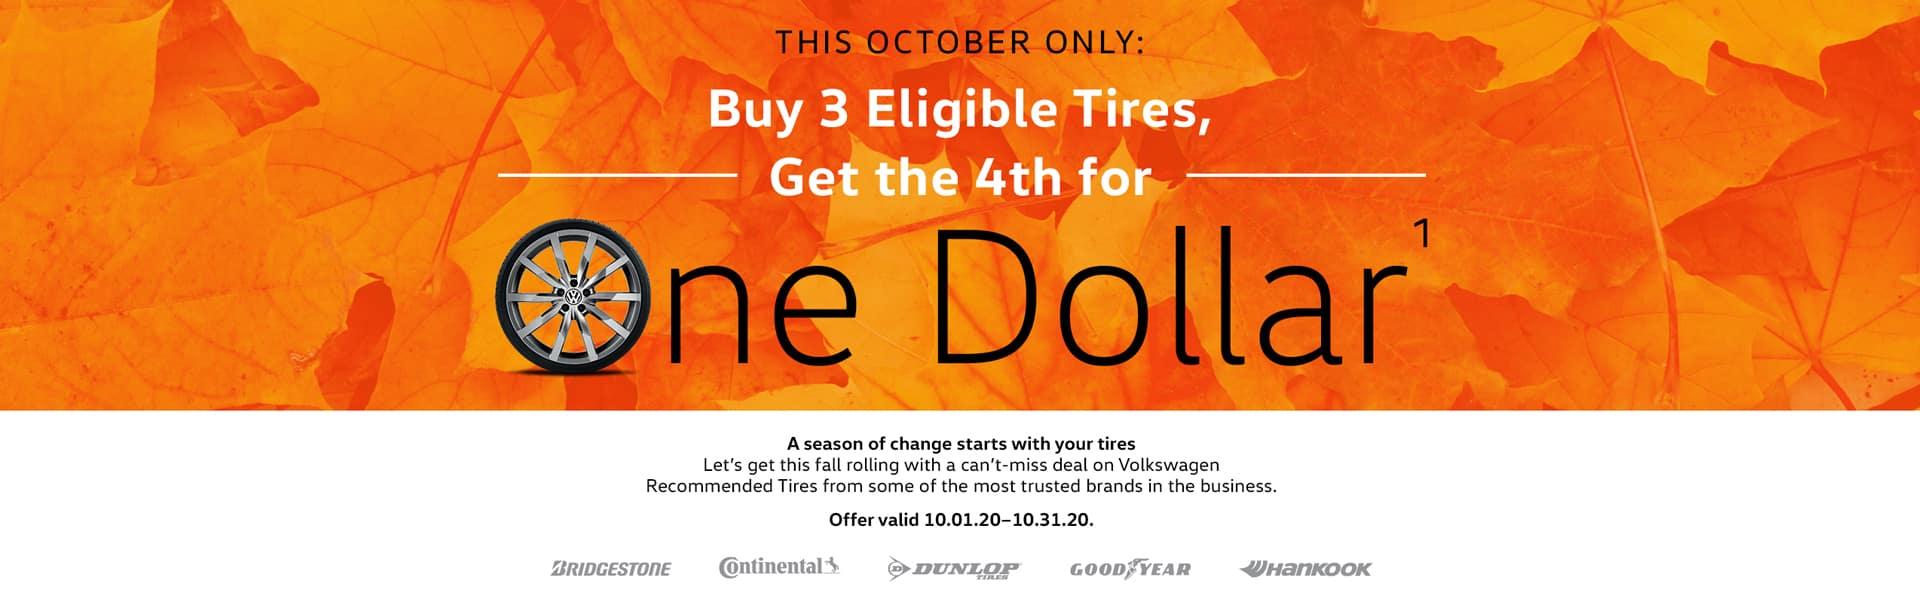 VW Tire Promotion